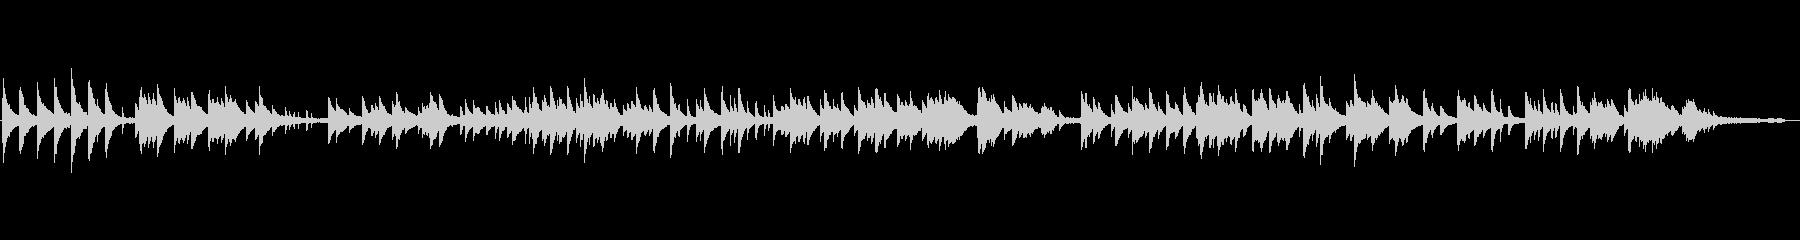 静かなヒーリング・ピアノ曲スタインウェイの未再生の波形